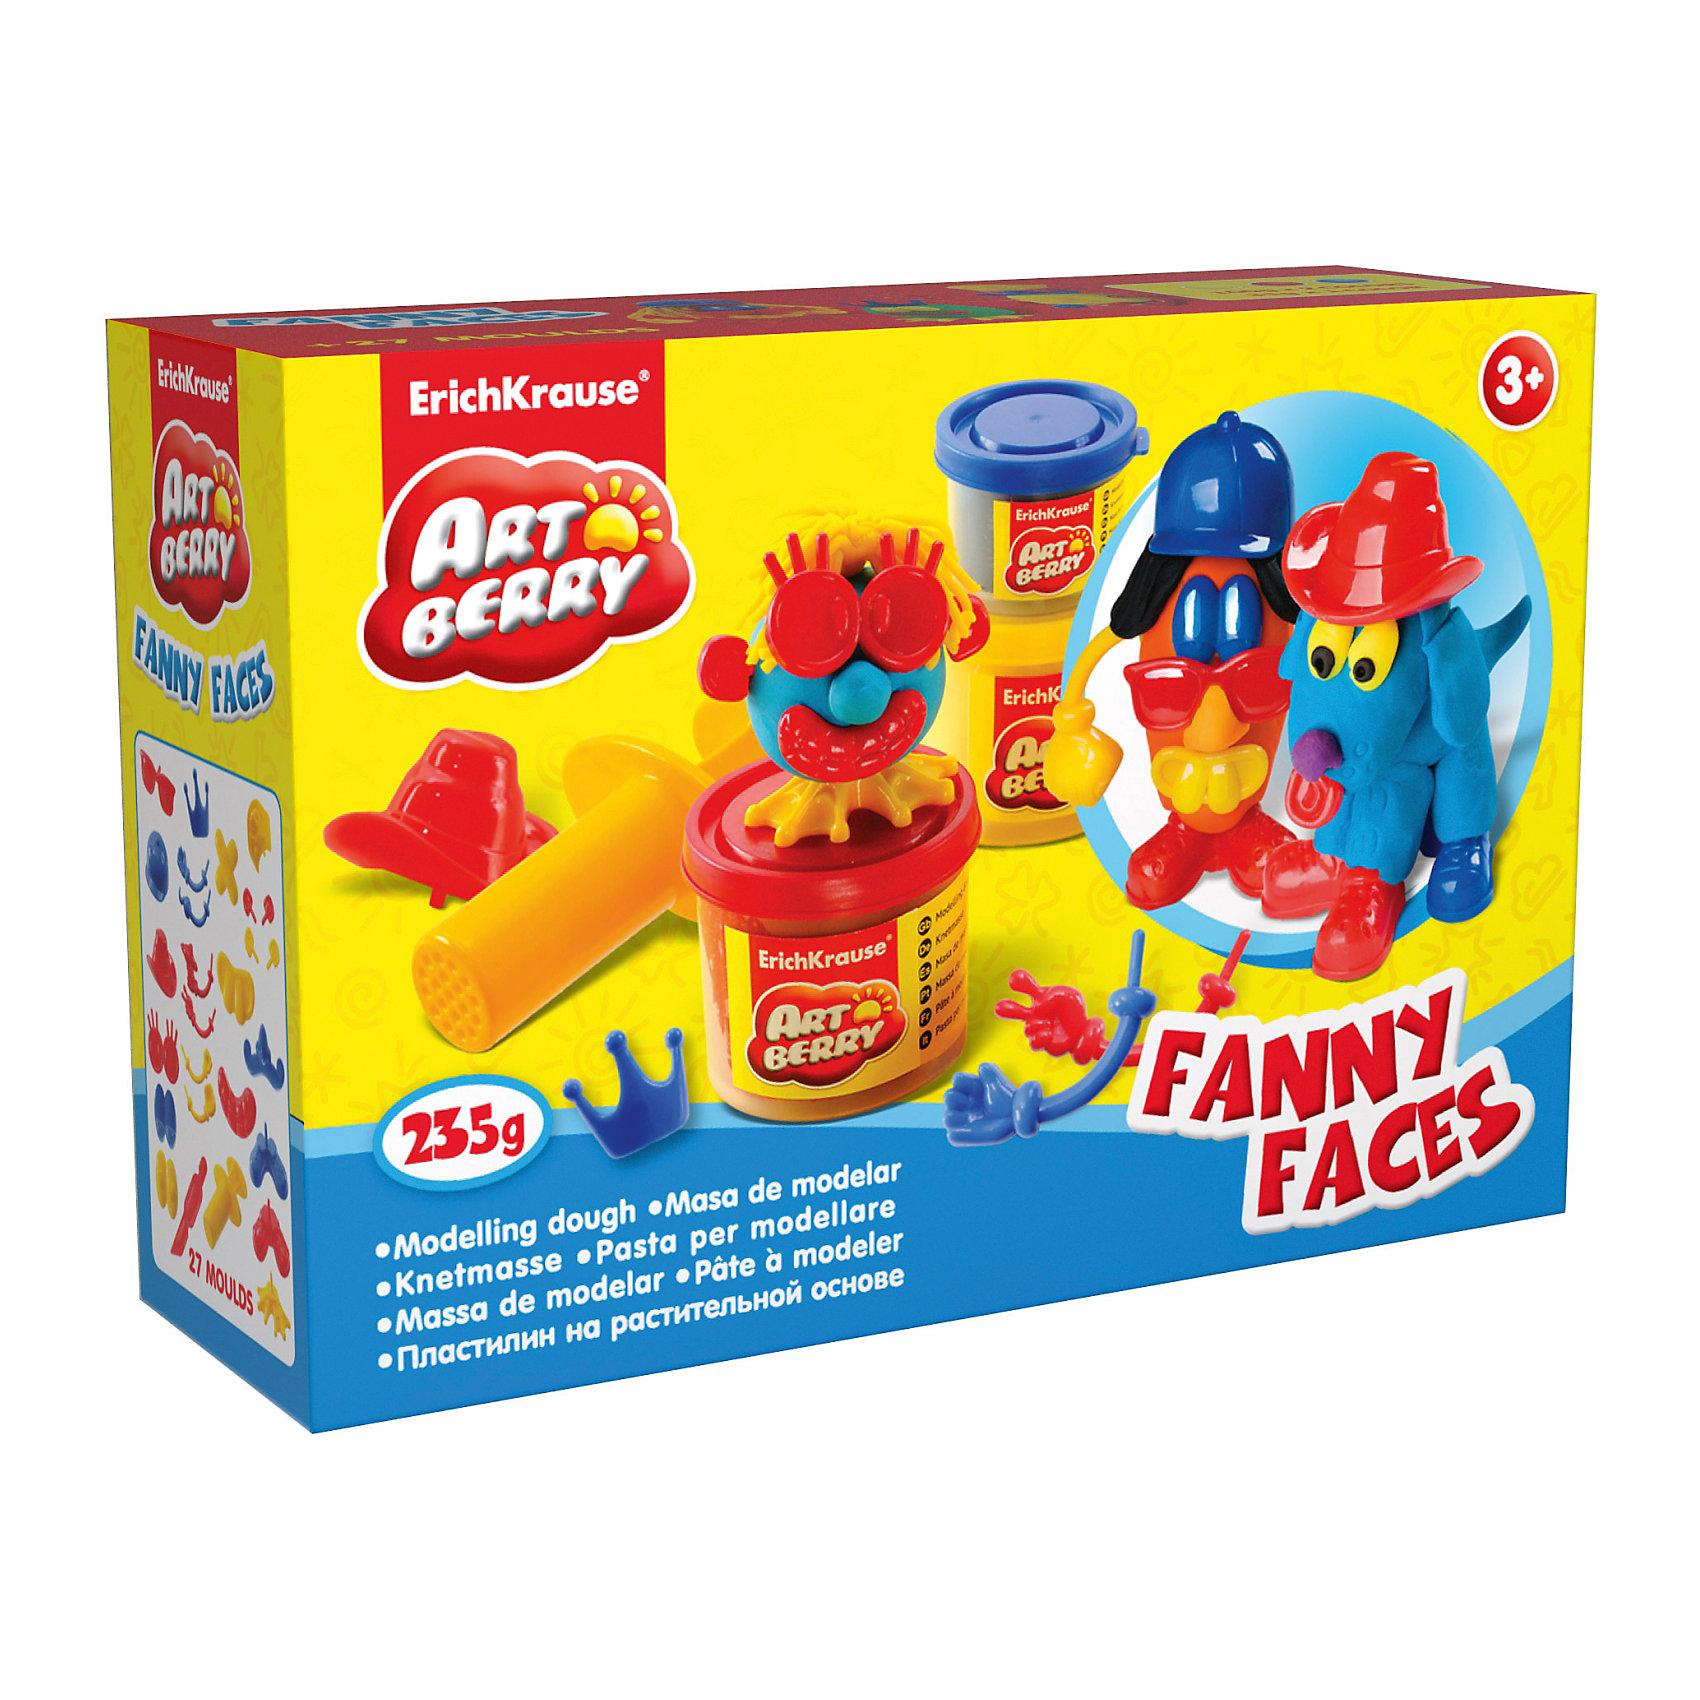 Набор для лепки: Пластилин на растительной основе Funny Faces 2 цвета по 100г, 1 цвет 35гЛепка<br>Характеристики товара:<br><br>• материал упаковки: картонная коробка в термоплёнке<br>• в комплект входит: 2 цвета пластилина по 100 г, 1 цвет пластилина 35 г + 25 игровых декоративных элементов, шприц, стек<br>• возраст: от 3 лет<br>• габариты упаковки: 31х23х8 см<br>• вес: 500 г<br>• страна производитель: Россия<br><br>Натуральная продукция – настоящая находка для детского творчества. Так, пластилин на растительной основе станет любимым материалов для творчества у вашего малыша. Мягкий, приятный для тактильного восприятия, он станет фаворитом среди пластилинов у малыша.<br><br>Набор для лепки: Пластилин на растительной основе Funny Faces 2 цвета по 100г, 1 цвет по 35 г, можно купить в нашем интернет-магазине.<br><br>Ширина мм: 315<br>Глубина мм: 230<br>Высота мм: 78<br>Вес г: 488<br>Возраст от месяцев: 36<br>Возраст до месяцев: 2147483647<br>Пол: Унисекс<br>Возраст: Детский<br>SKU: 3293876